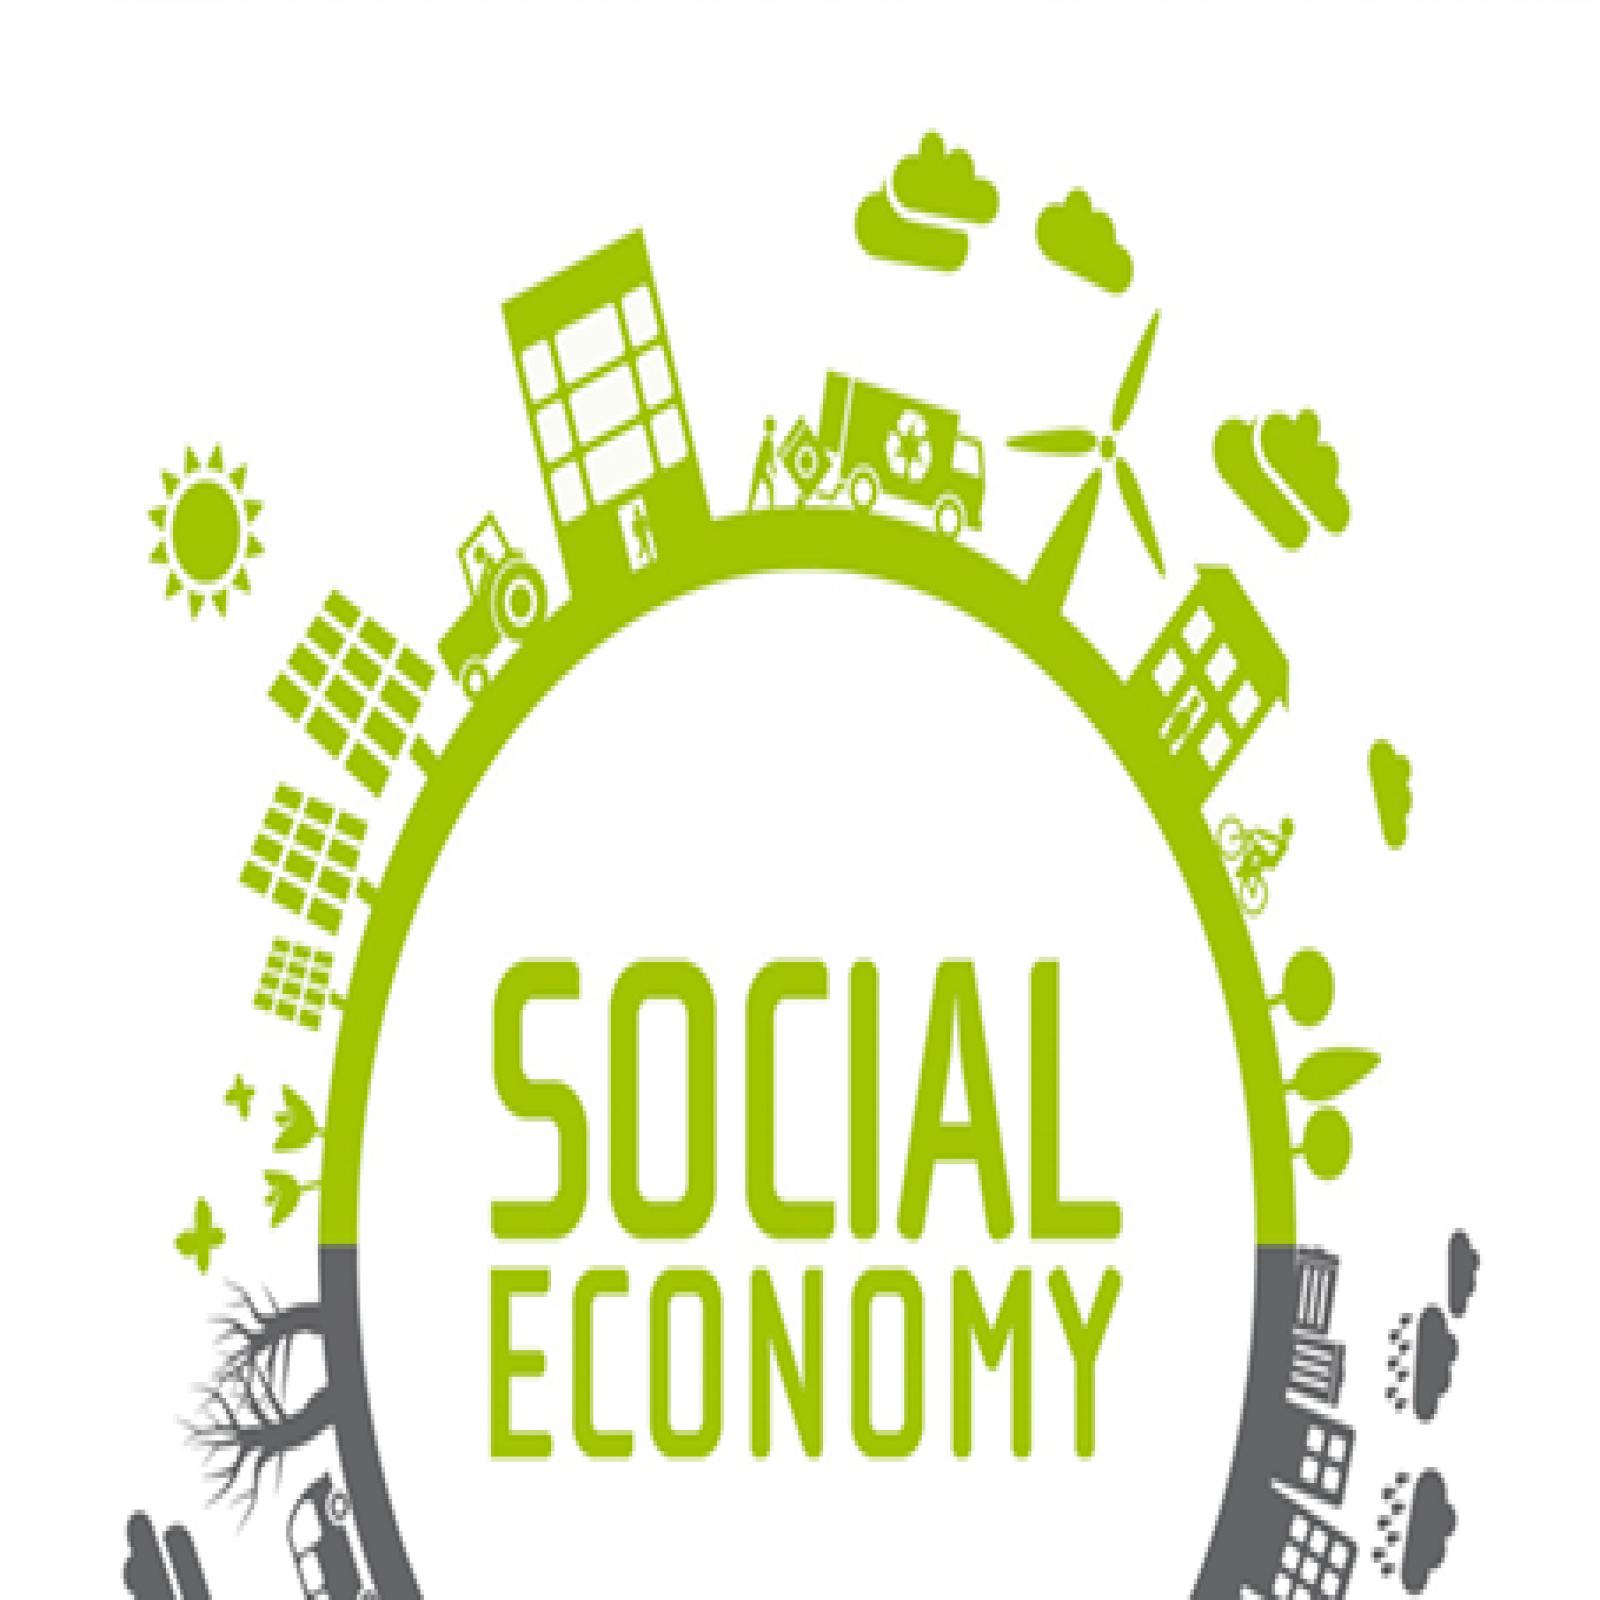 economie-sociala-web.png